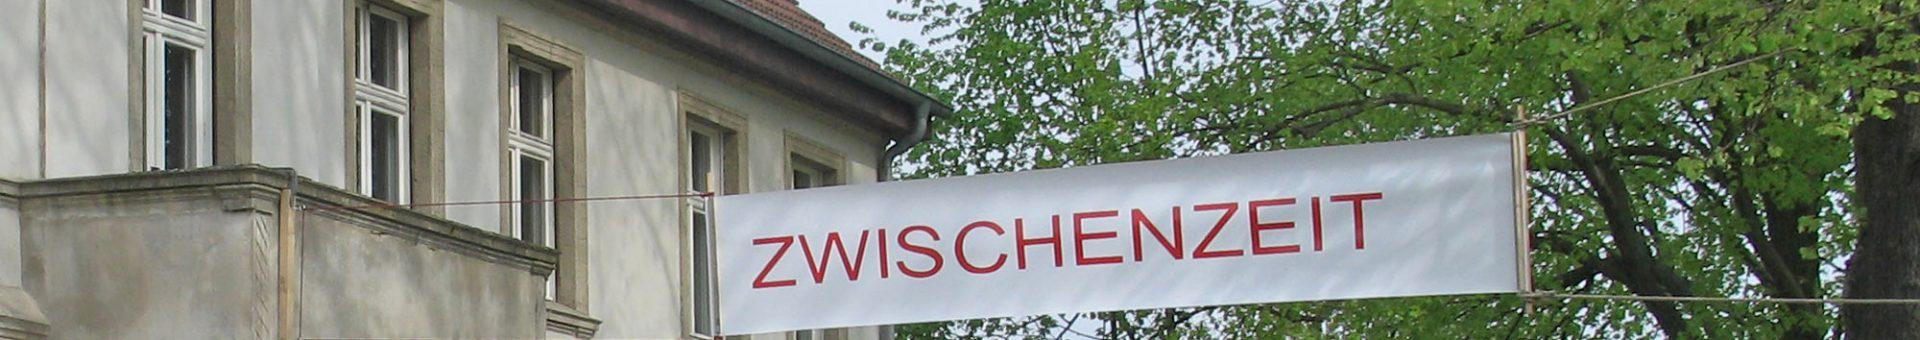 Kulturmühle Perwenitz e.V.